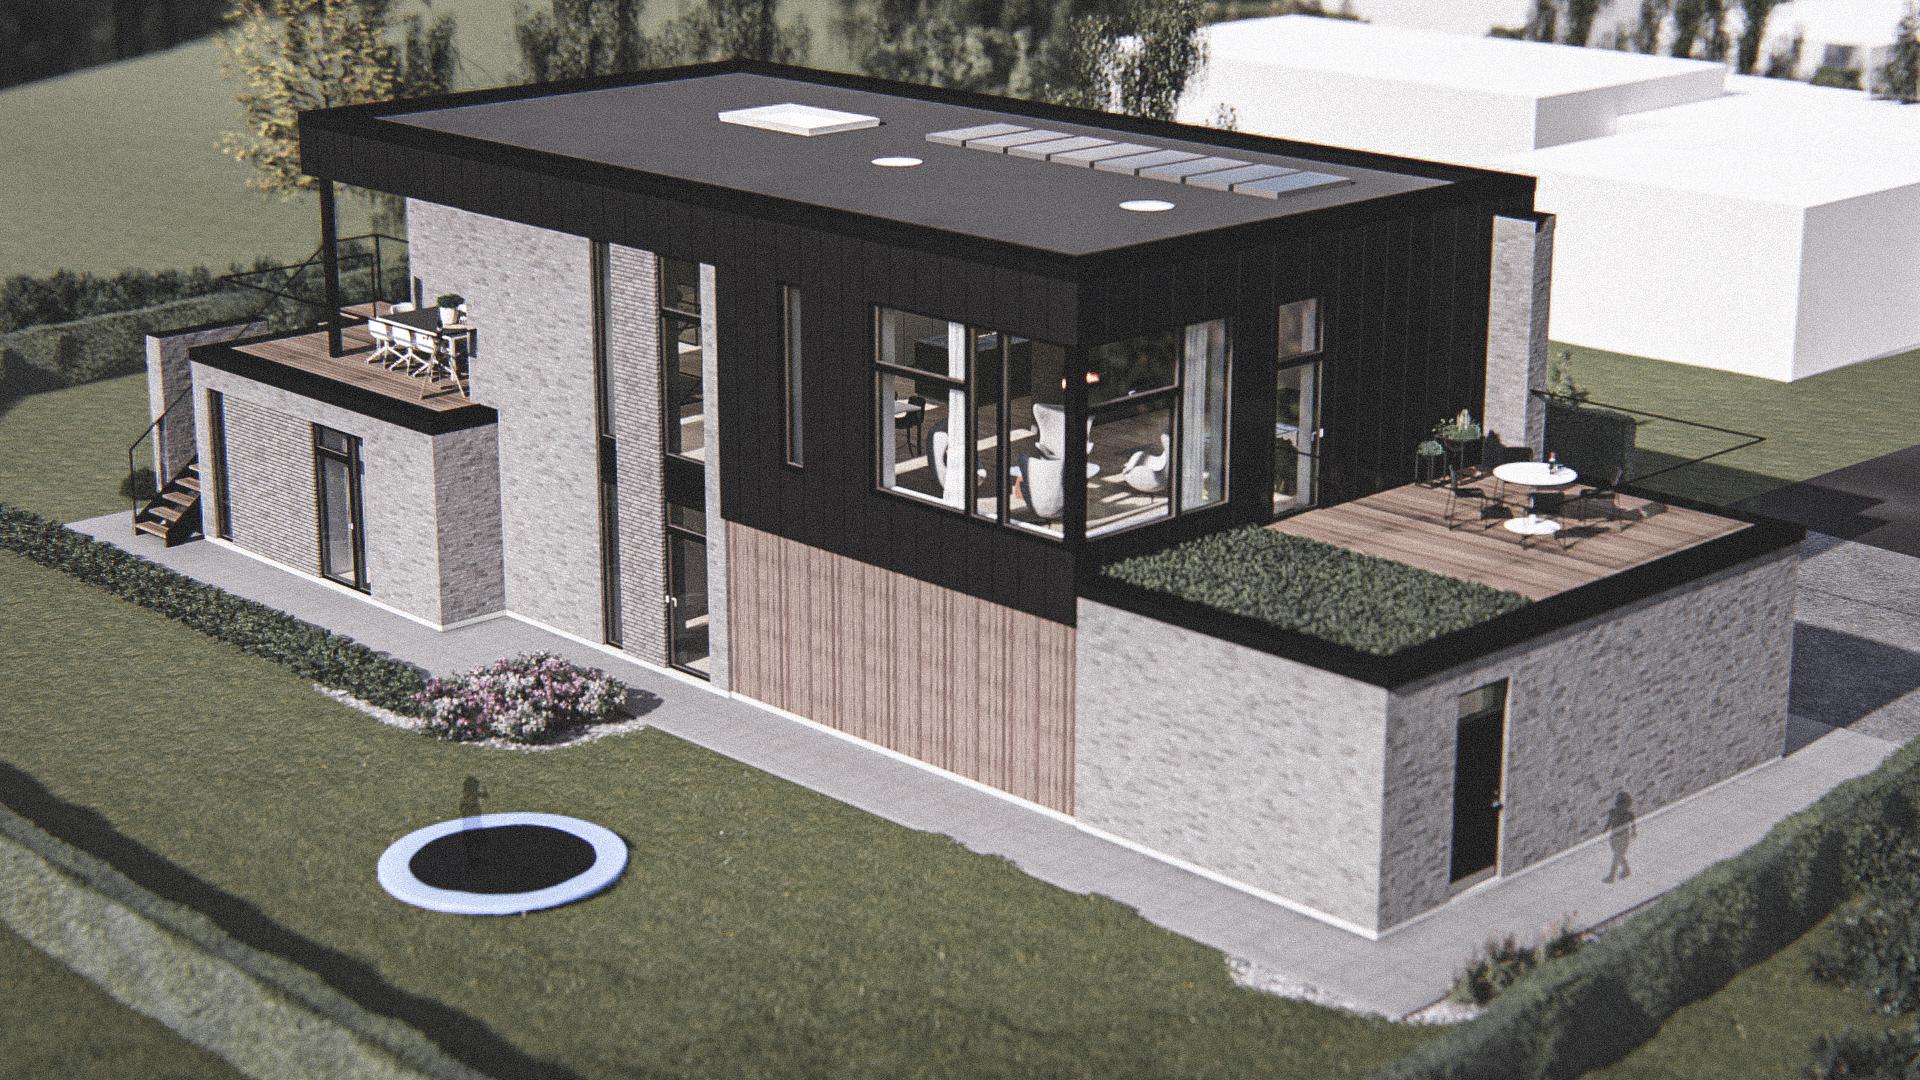 Billede af Dansk arkitekttegnet 2 plan villa af arkitektfirmaet m2plus, i Silkeborg på 404 kvartratmeter.